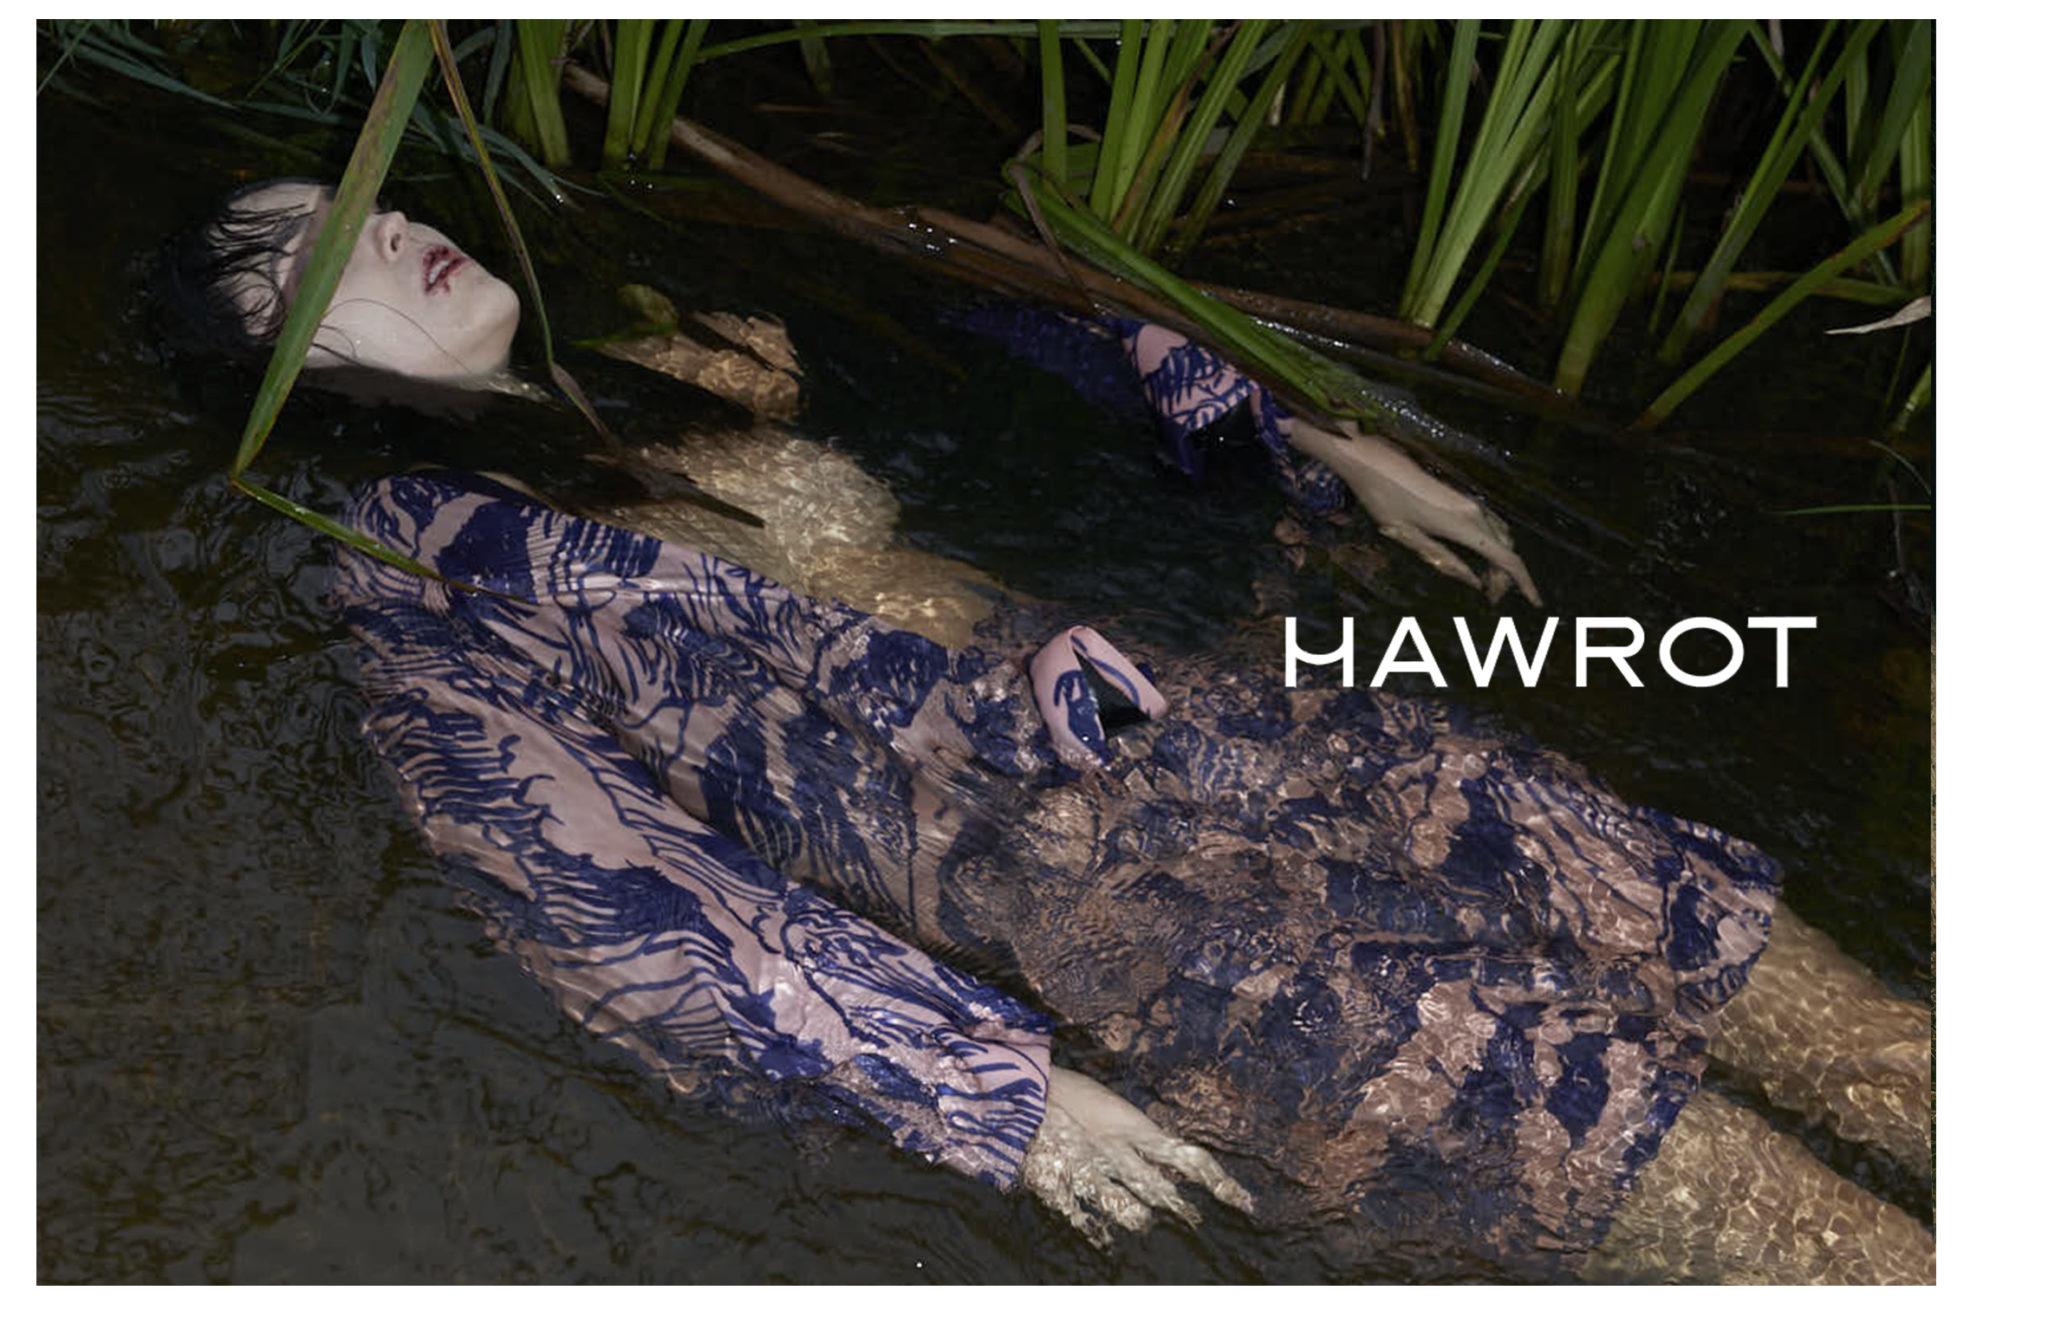 Mloda dziewczyna wygladajaca na topielca lezy w rzece pelnej roslinnosci